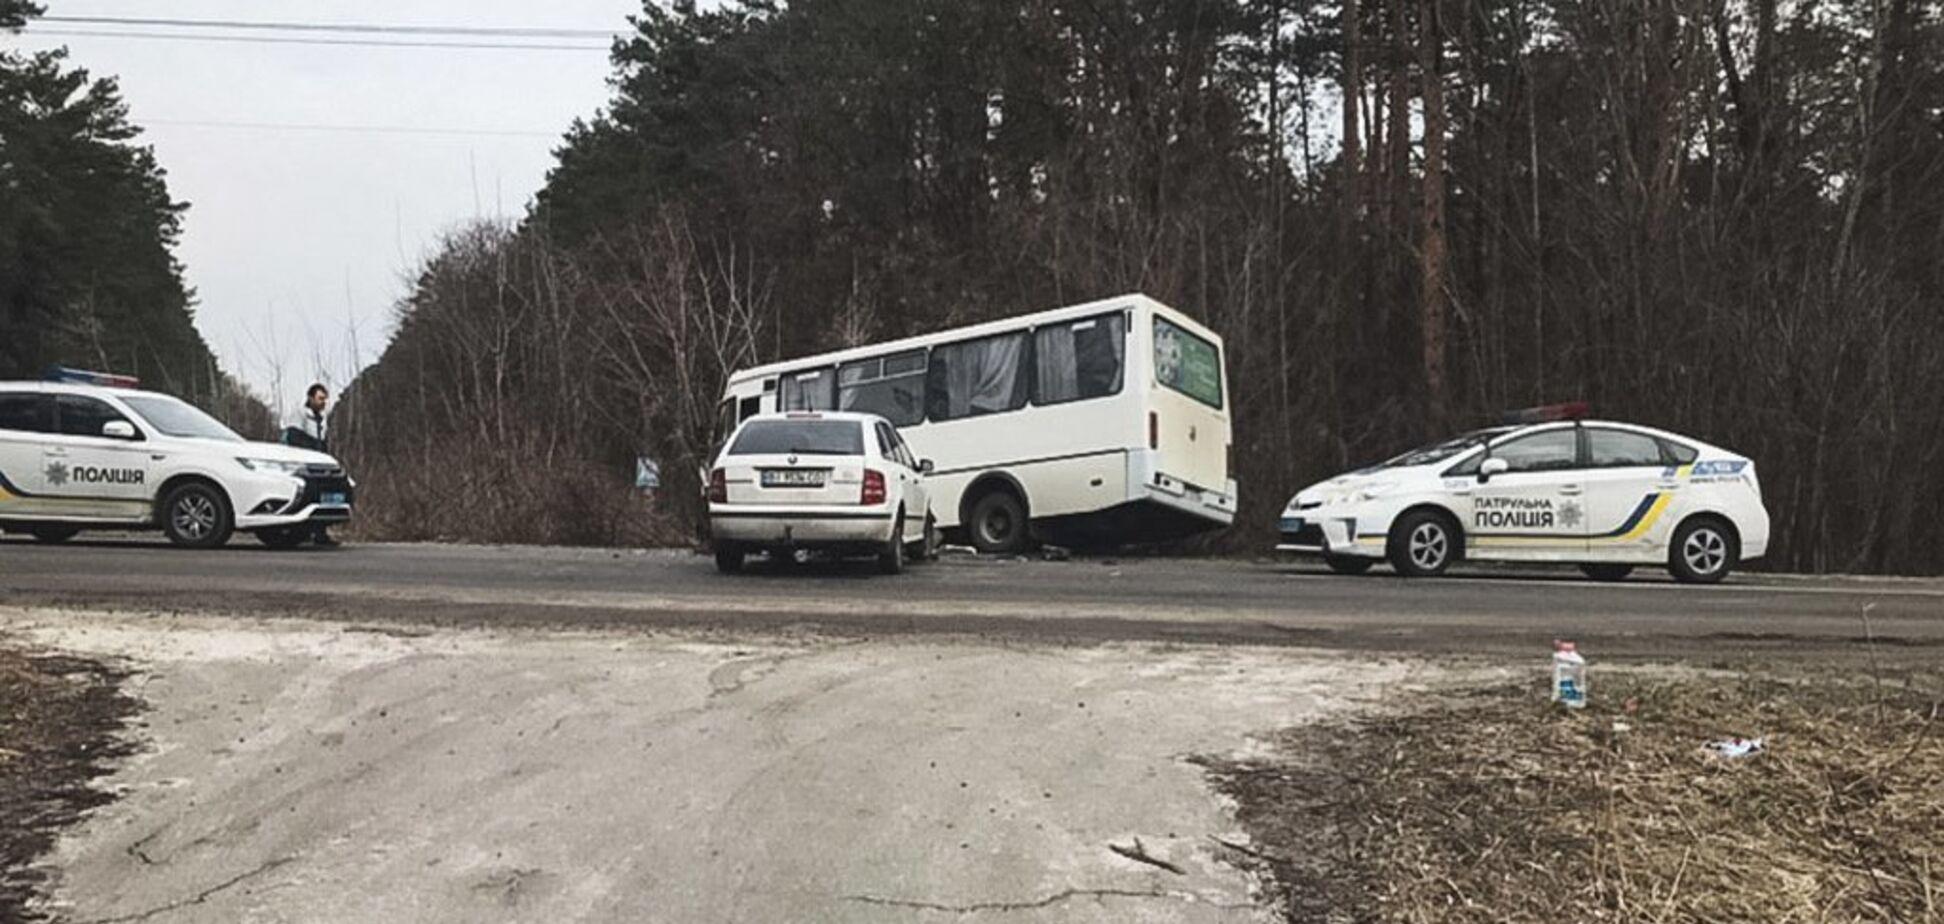 Под Киевом маршрутка врезалась в авто и вылетела в кювет: есть потерпевшие